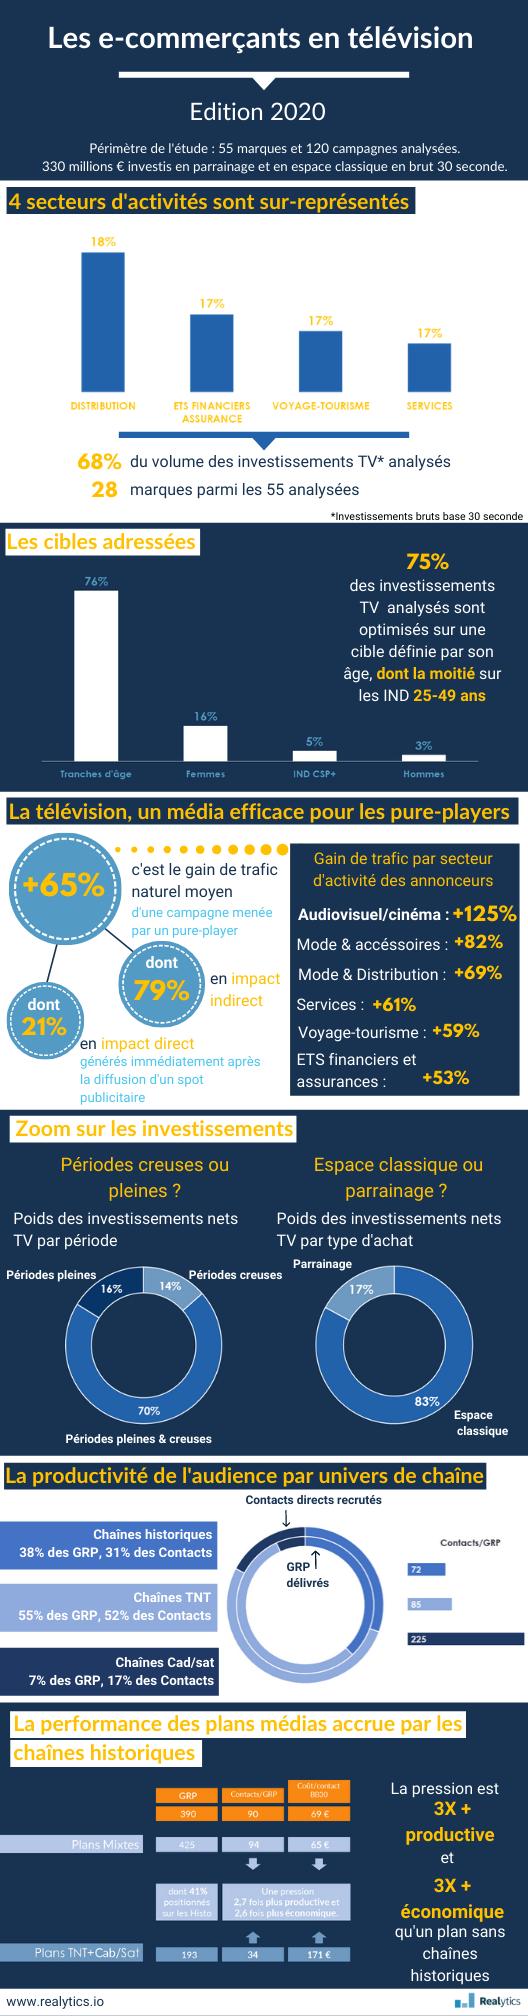 Infographie les e-commerçants en TV en 2019 (4)